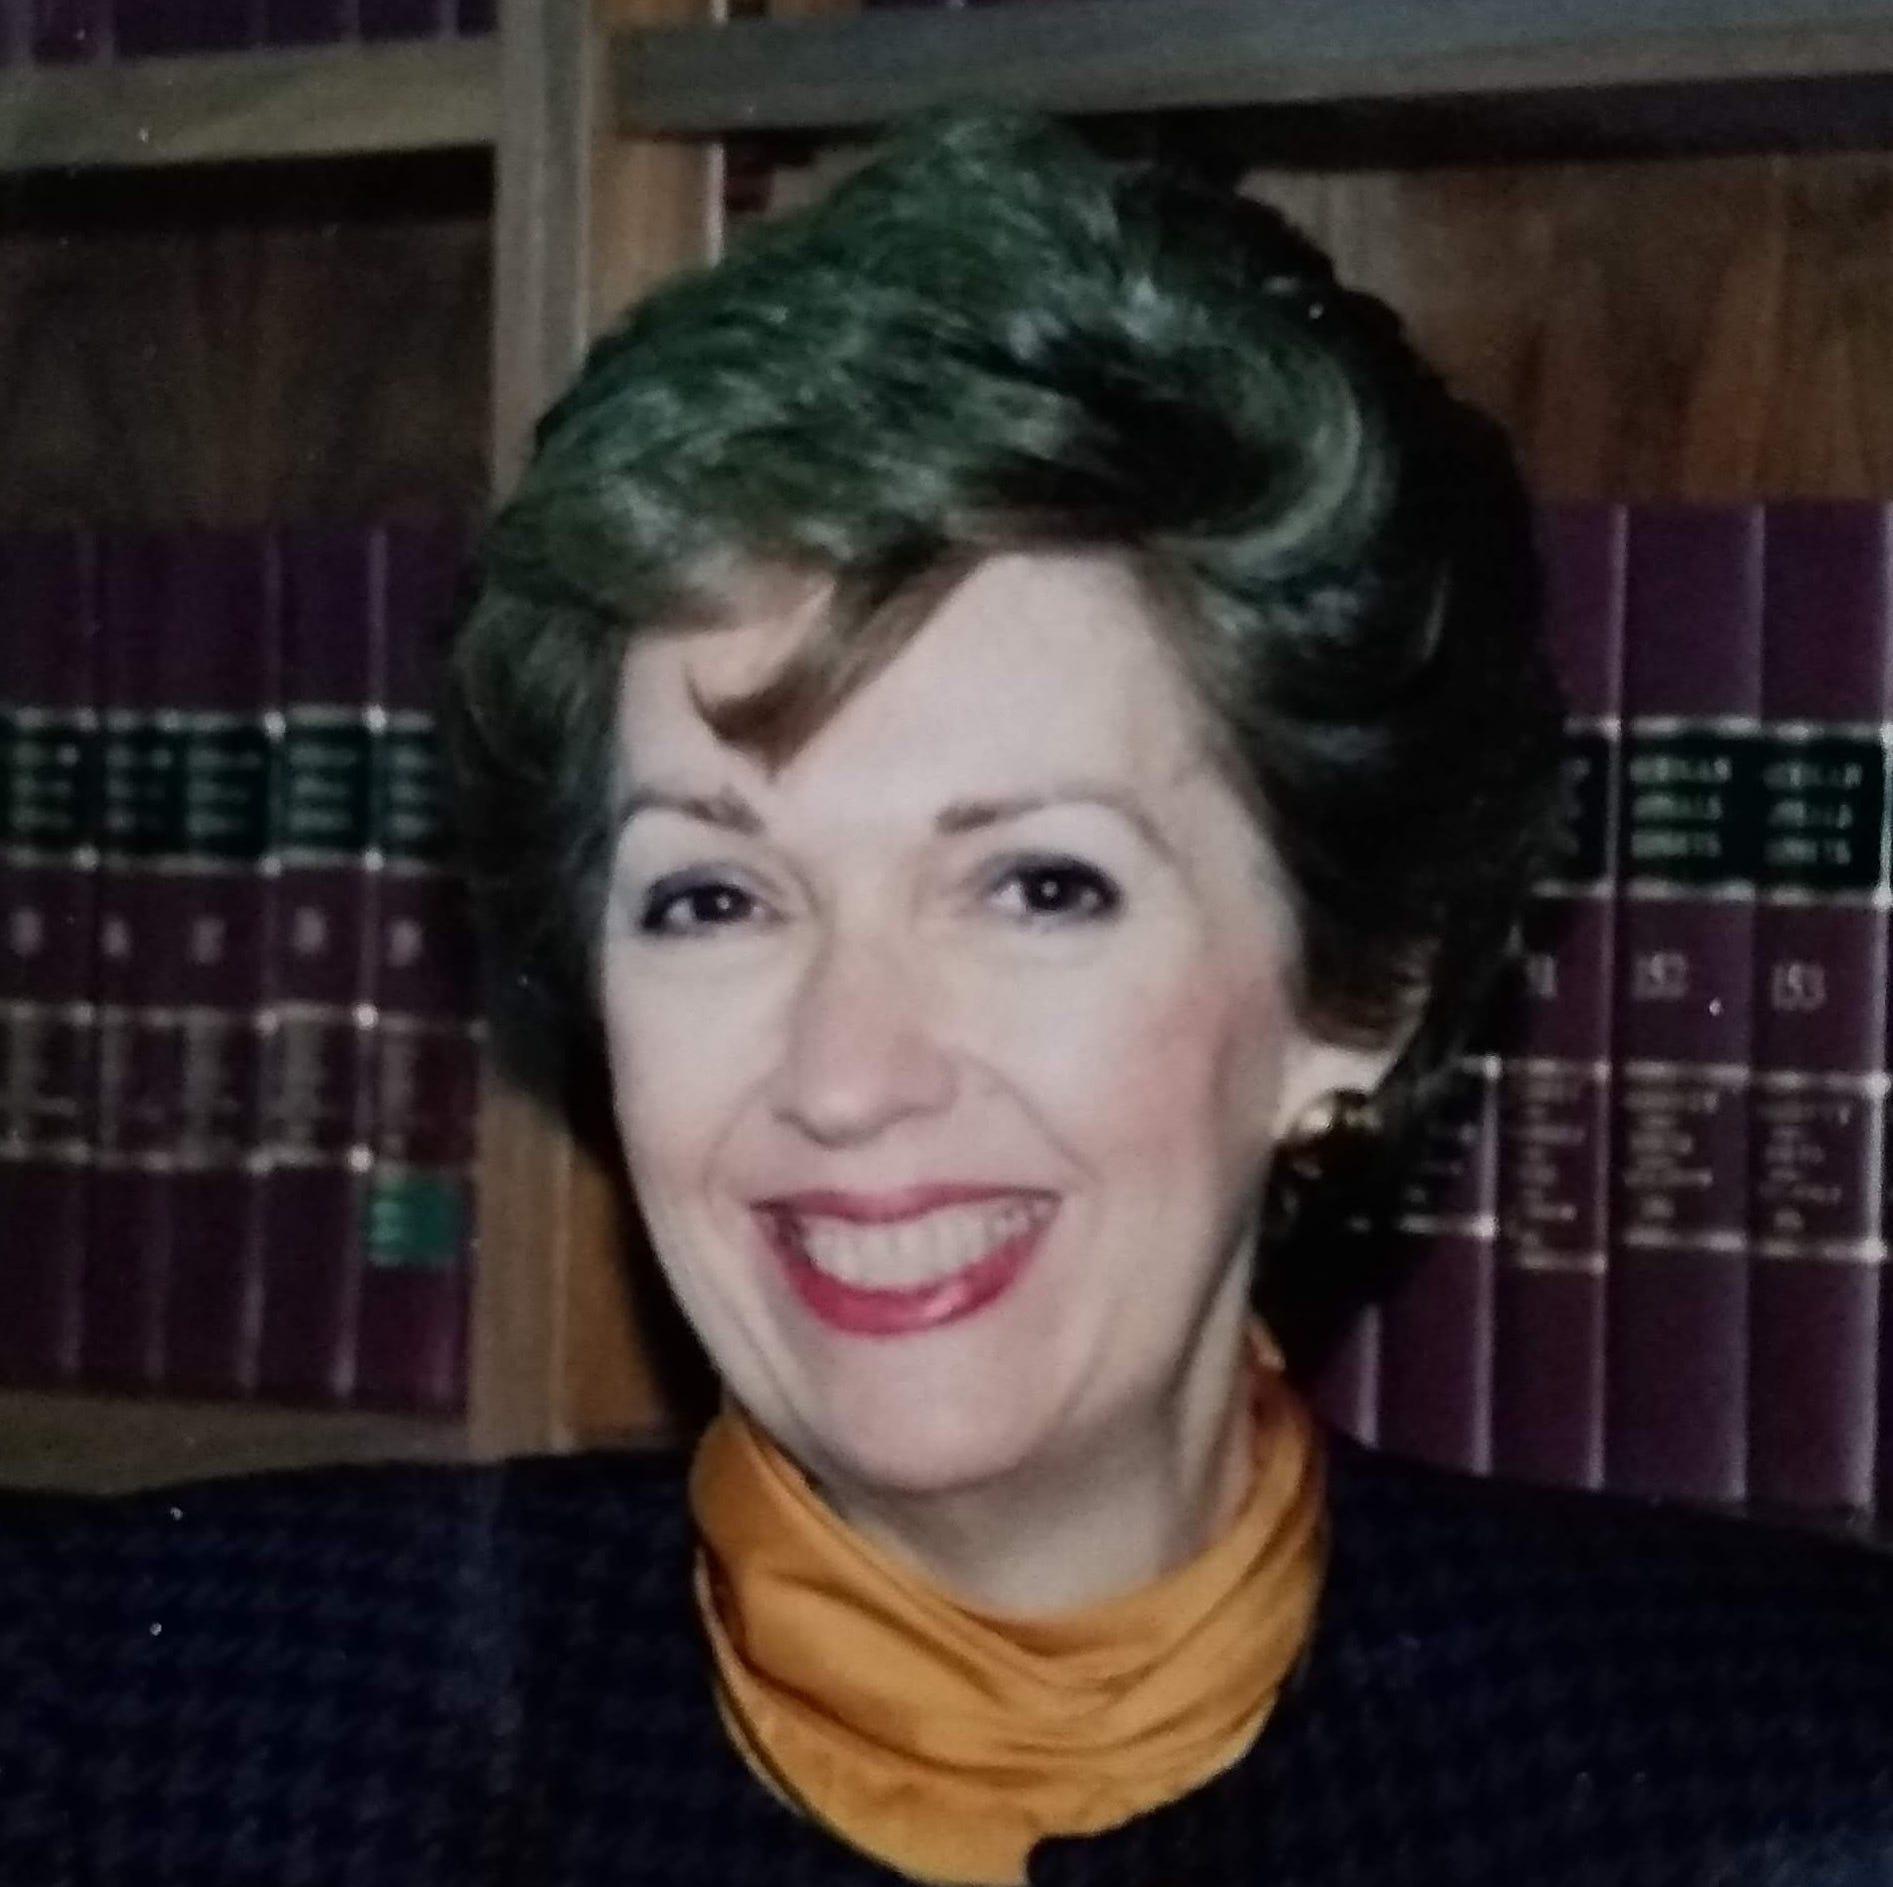 Former Wayne Co., appeals jurist Maureen Reilly 'exuded class'